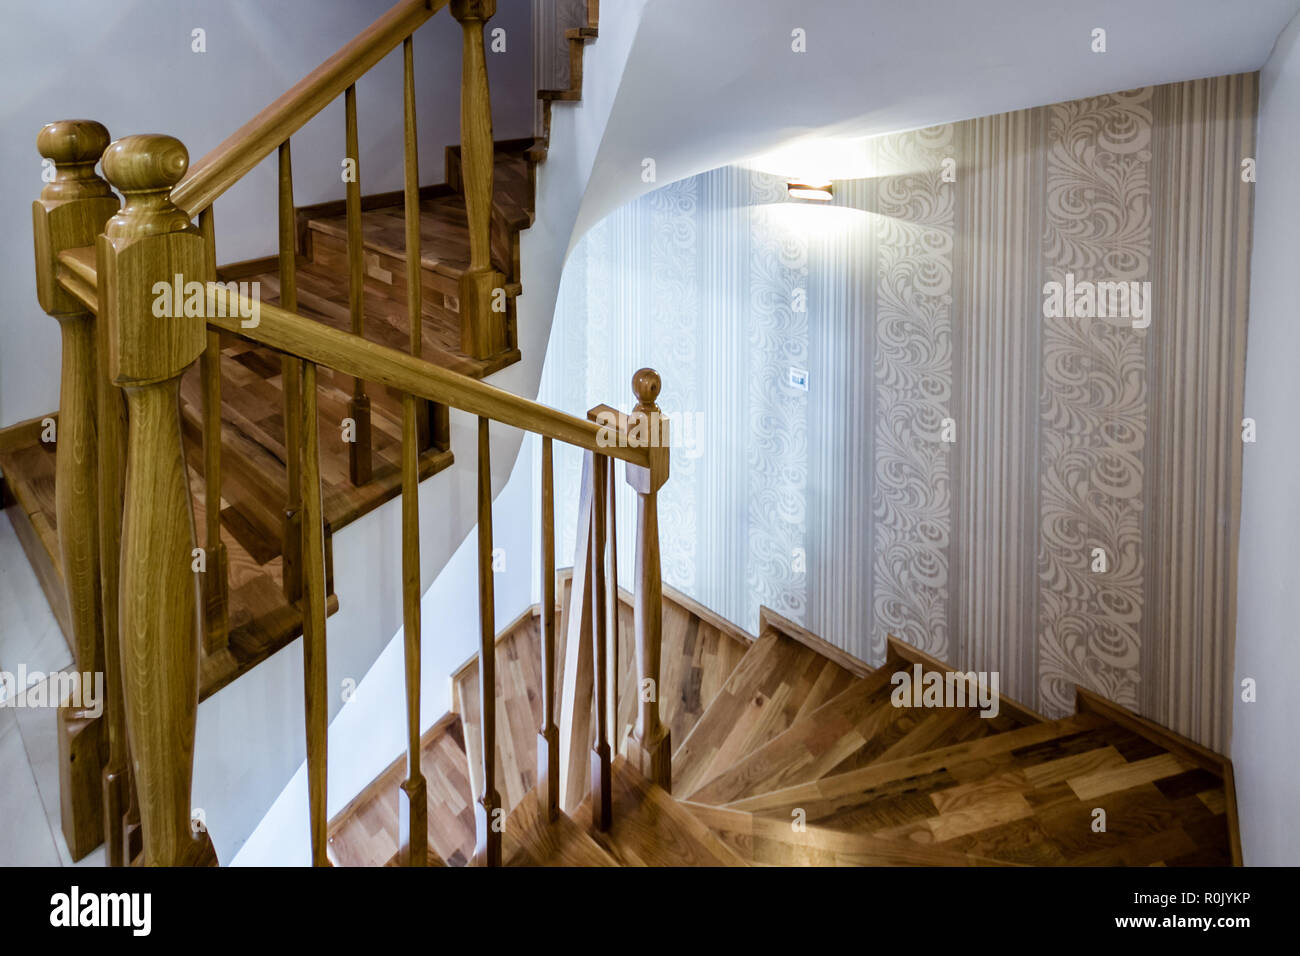 Escalier Interieur Maison Moderne escalier intérieur en bois de décoration d'une maison